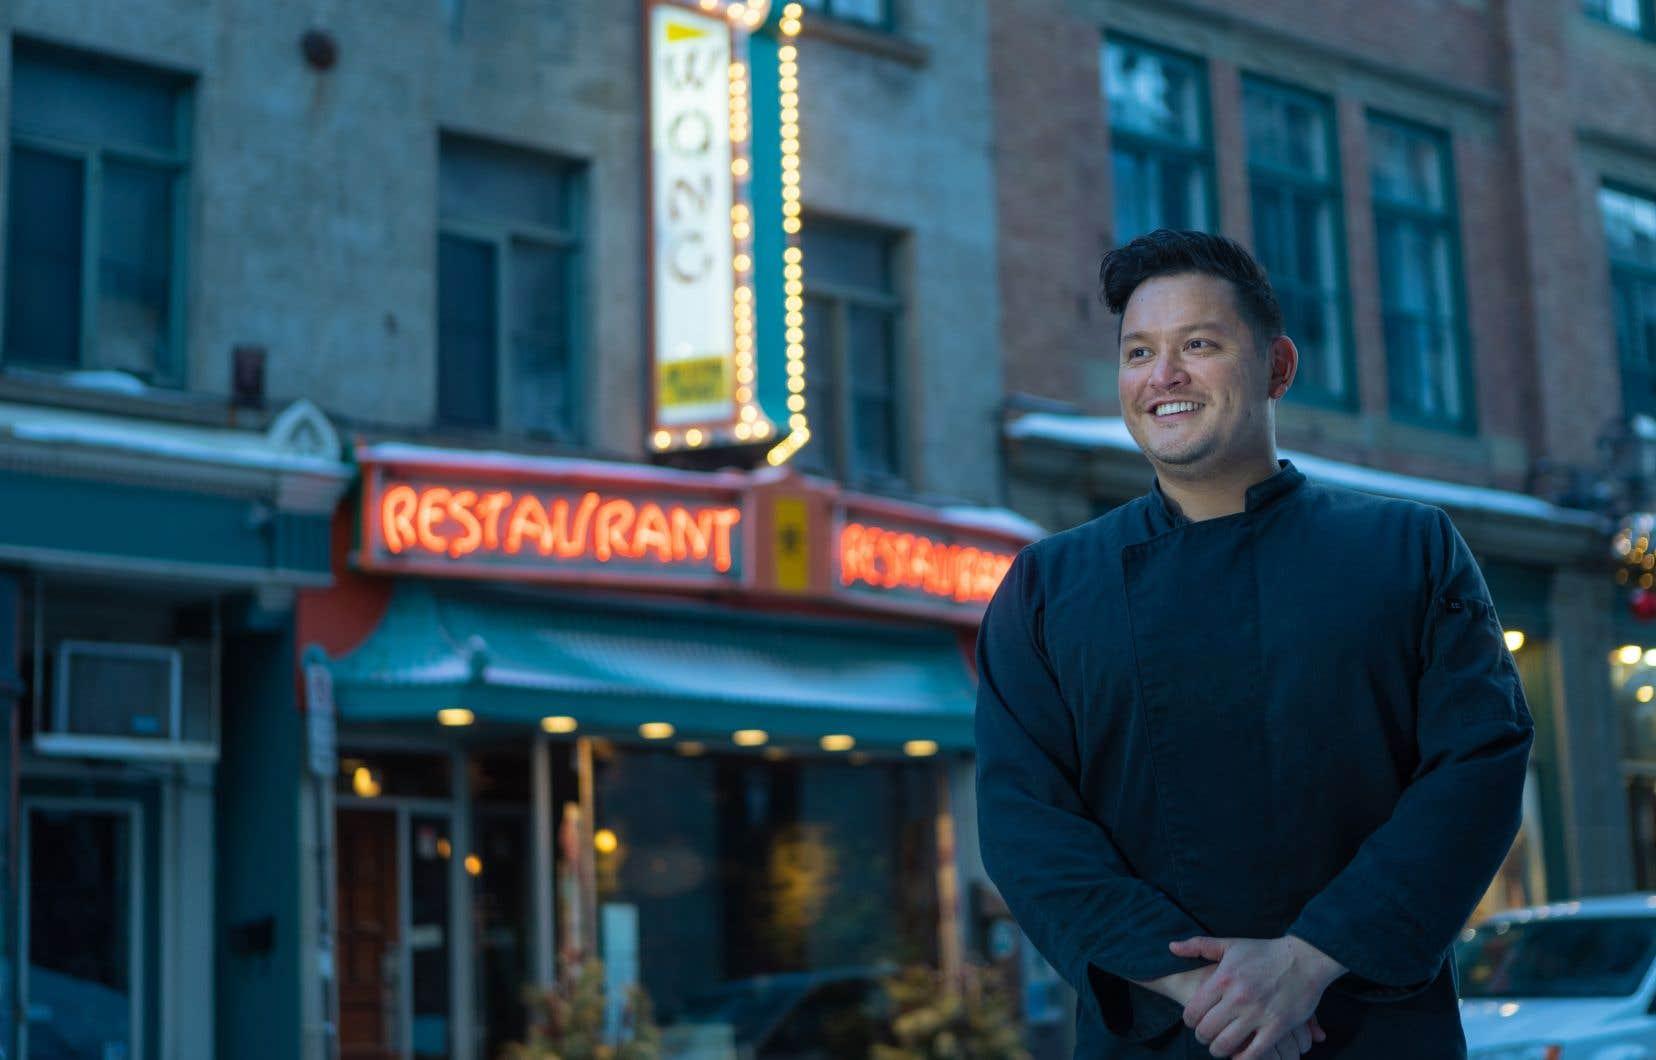 """«C'est une des choses que j'ai le plus de misère à faire: changer l'image que les gens ont du restaurant chinois. On est tellement habitué que ça soit """"ça"""", que dès qu'on pense en dehors de la boite, les gens sont déboussolés», explique Steven Wong."""